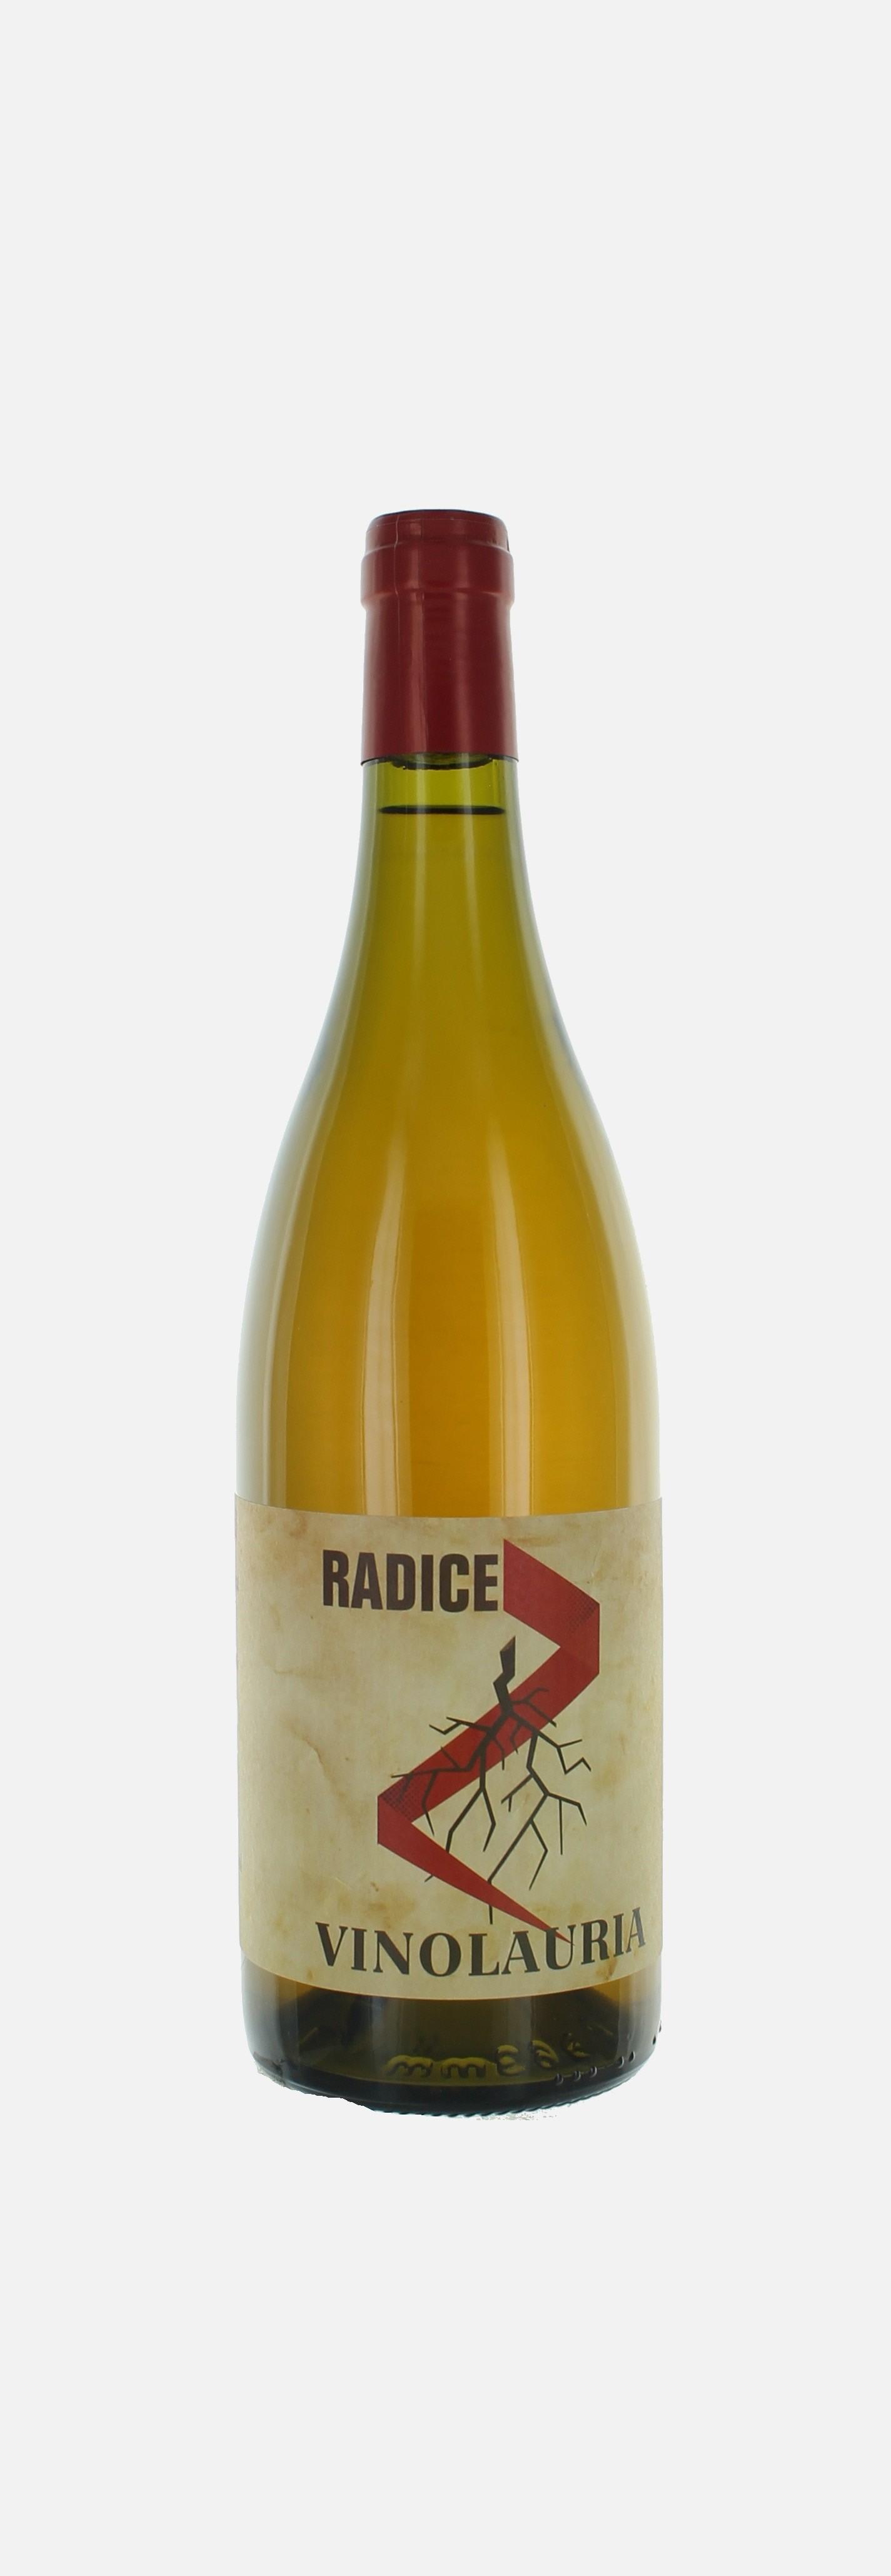 Radice, Terre Siciliane, Cataratto,  Vino Lauria